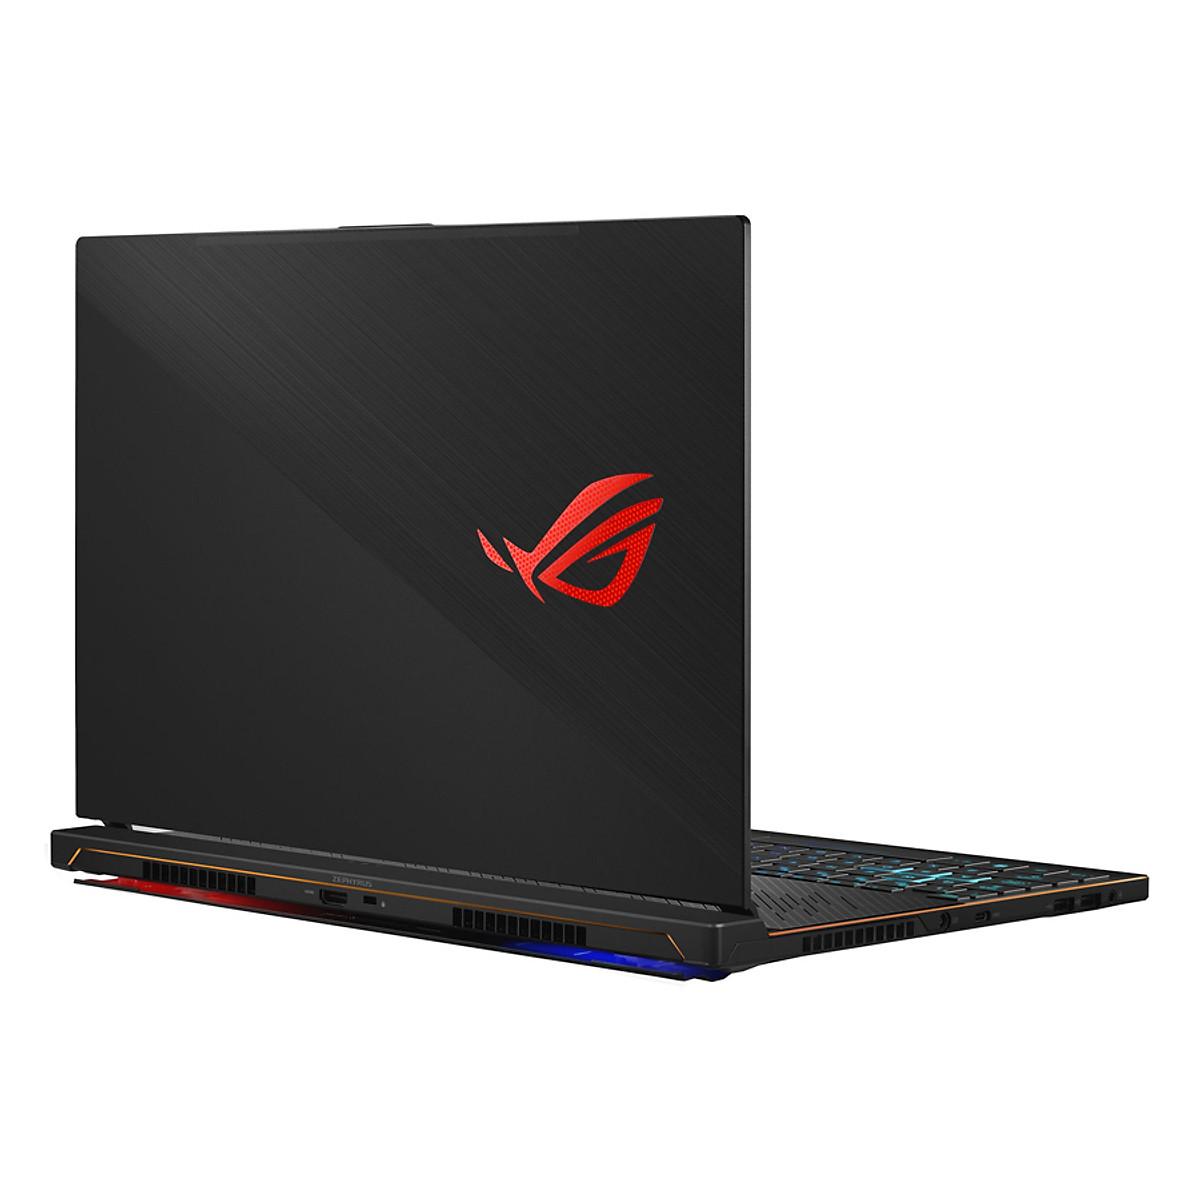 Laptop Asus ROG Zephyrus S GX531GM-ES004T, Giá tháng 9/2020